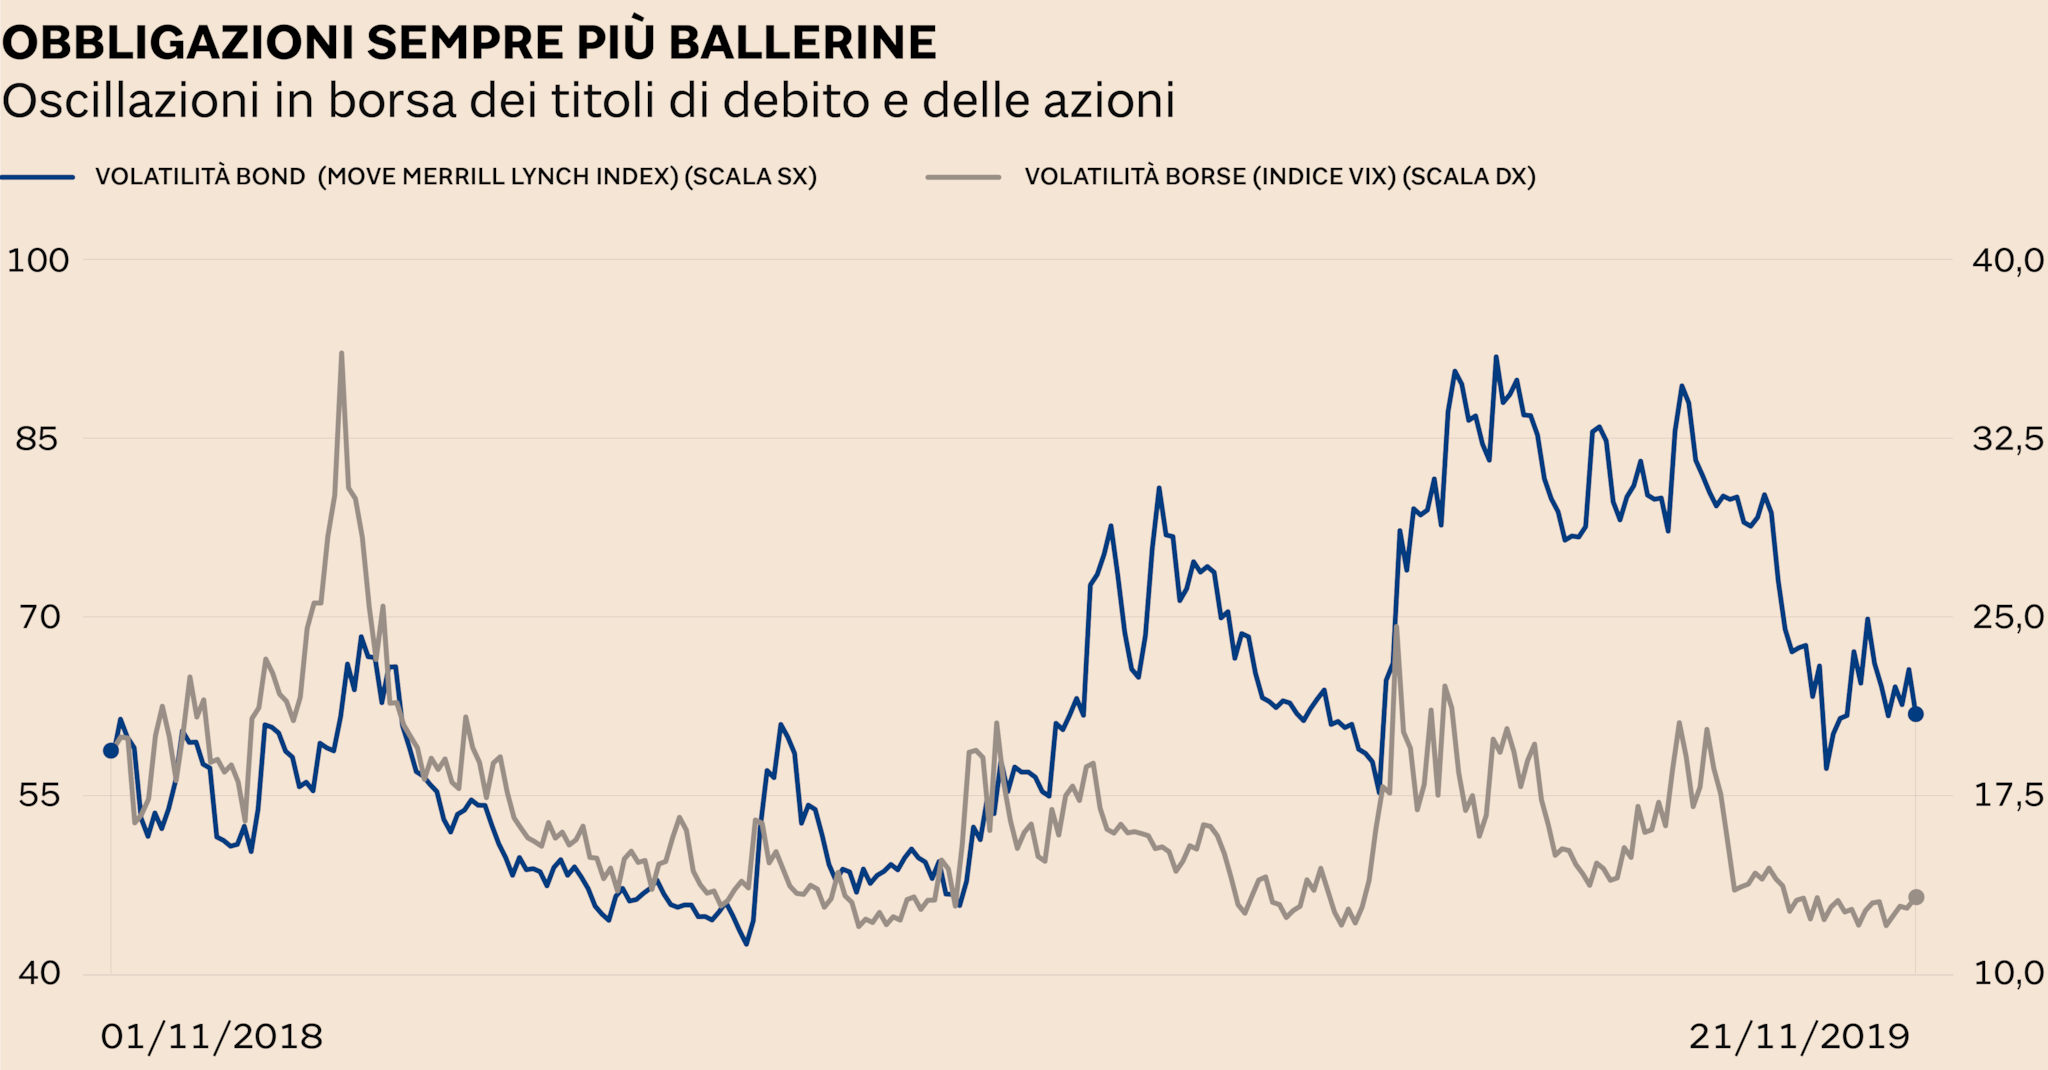 stile classico a prezzi ragionevoli risparmia fino all'80% La volatilità sui bond ora supera quella sulle azioni - Il Sole 24 ORE